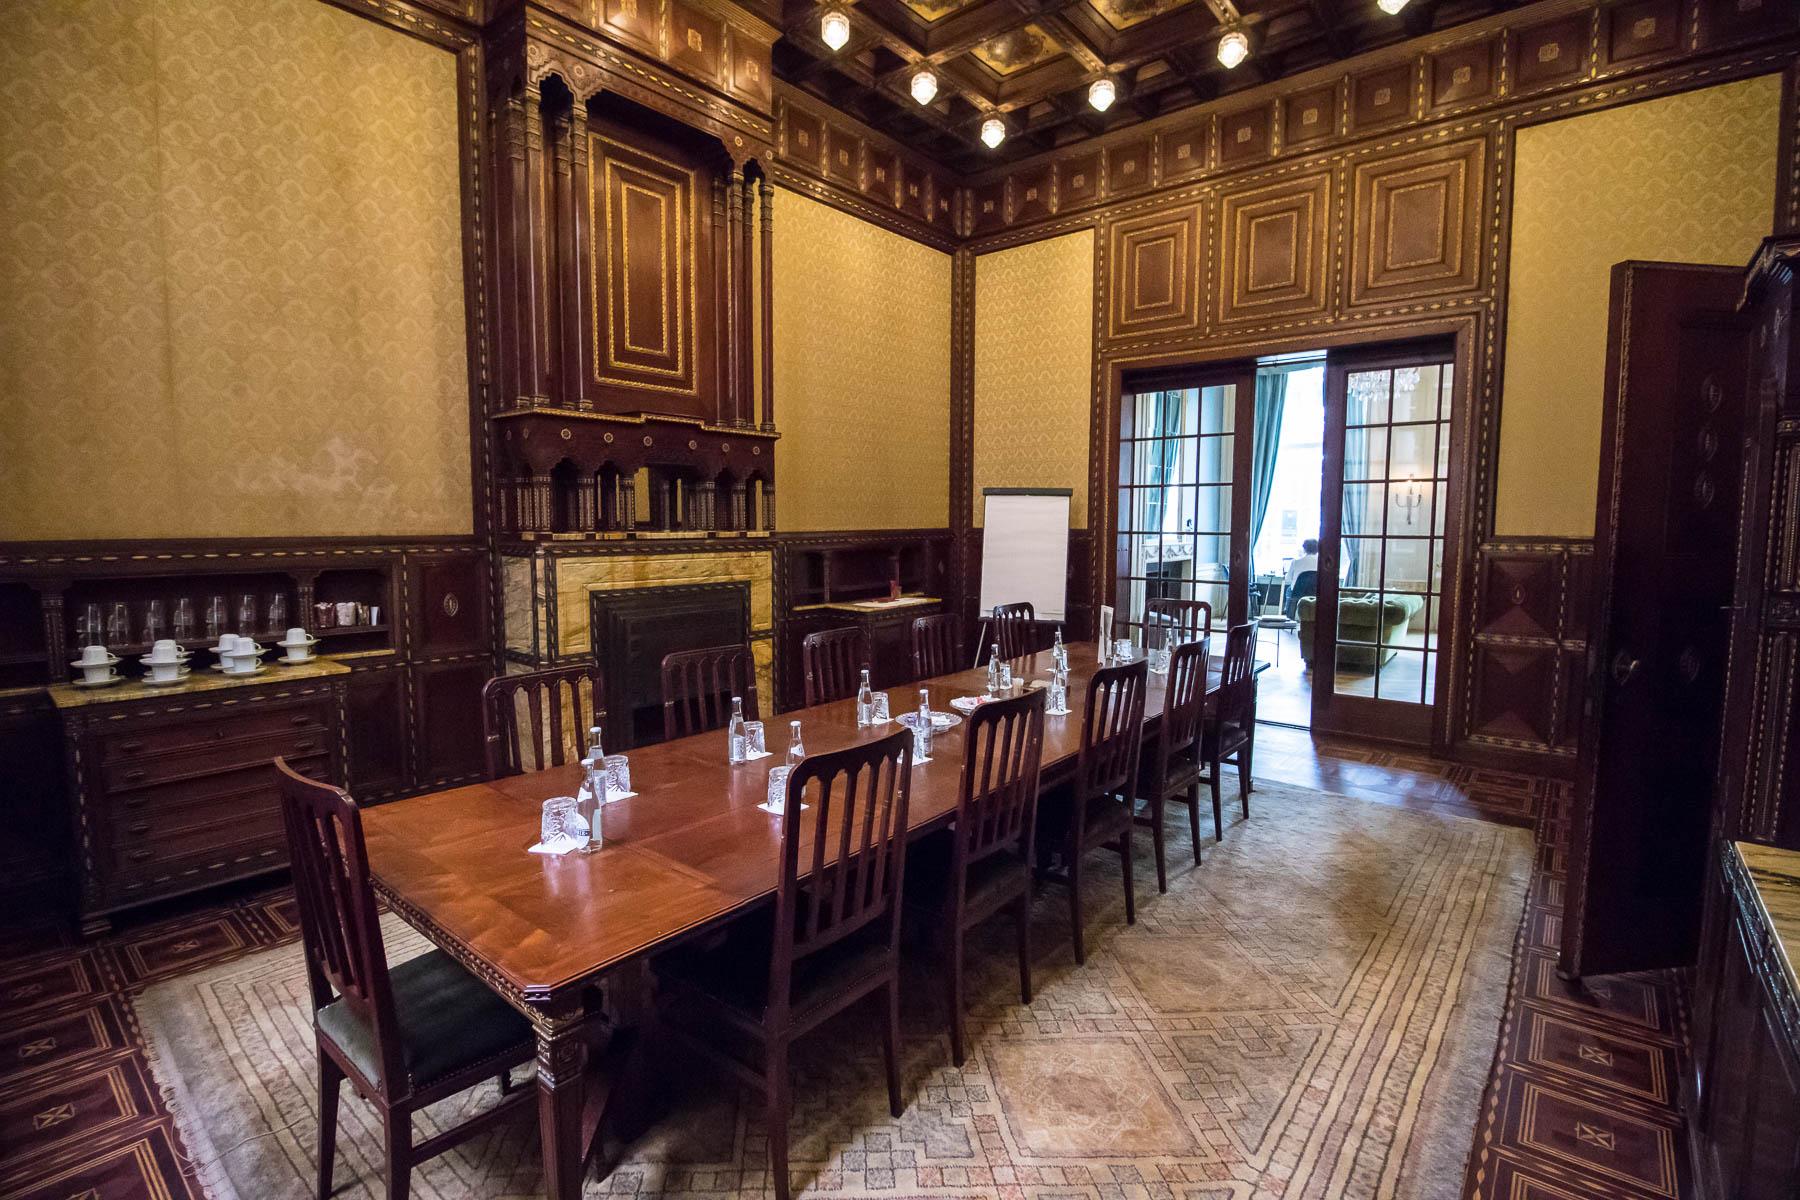 Authentieke vergaderruimte met originele eigenschappen van het pand